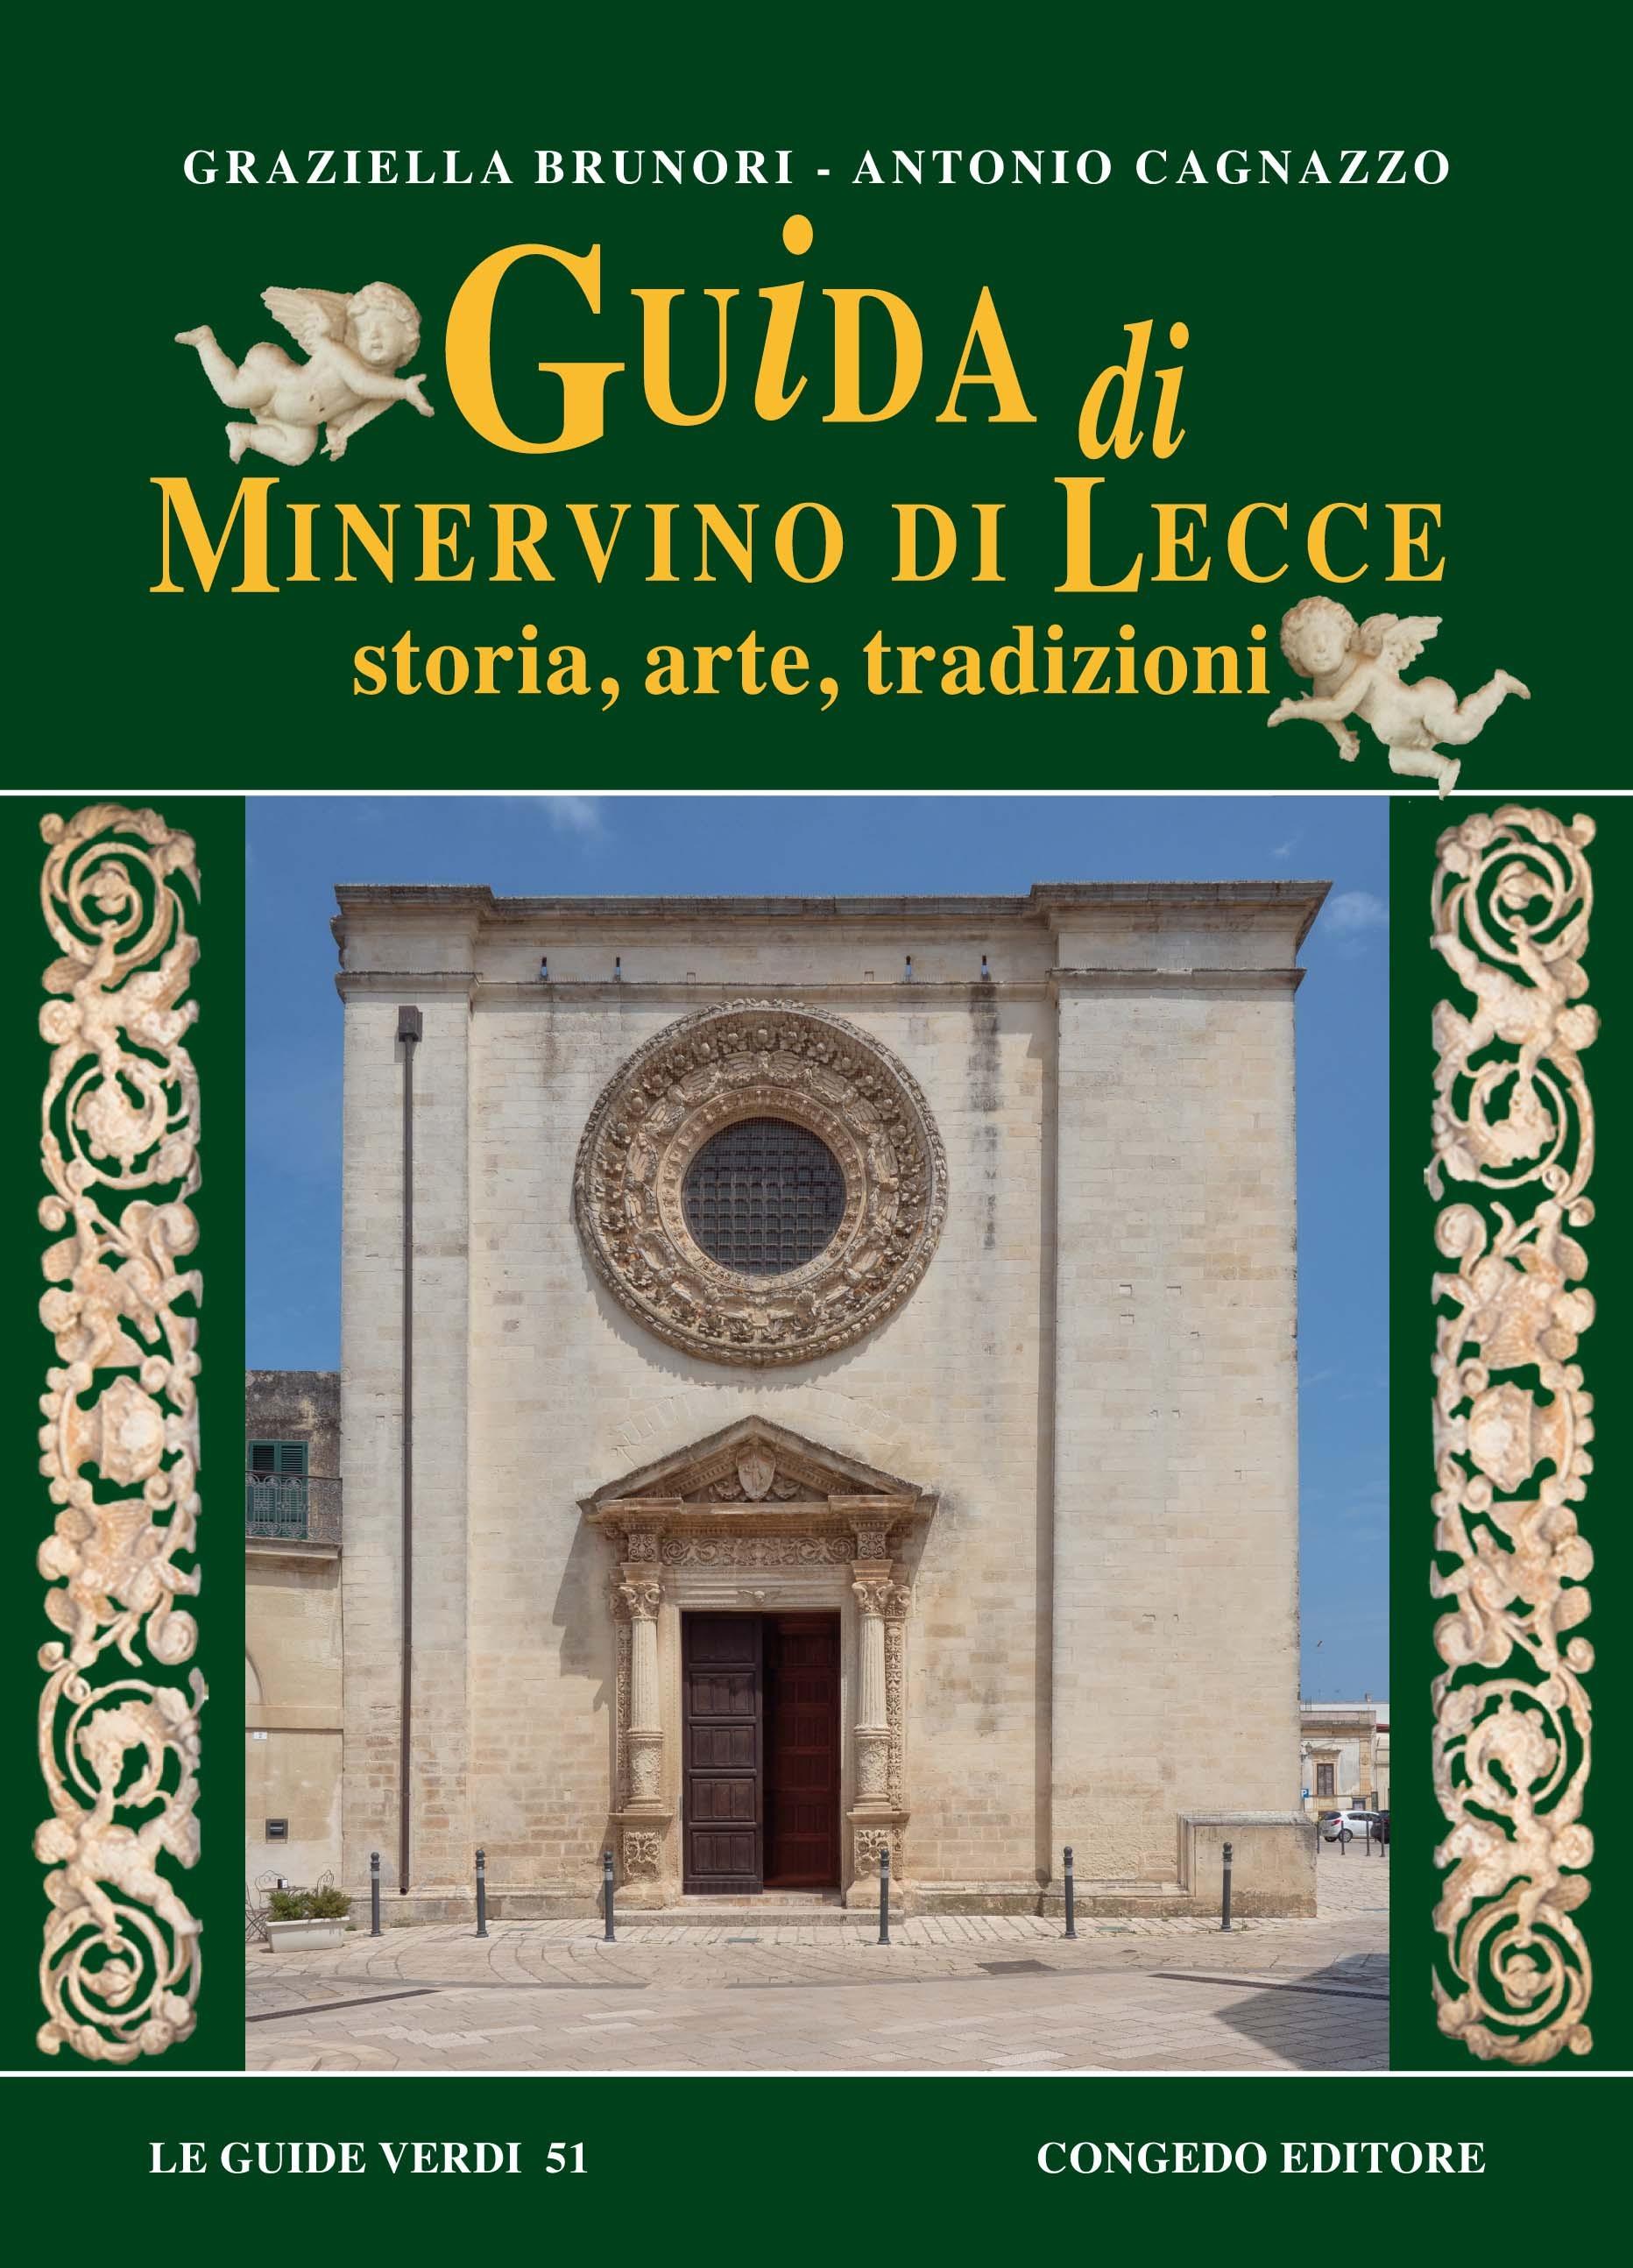 Guida di Minervino di Lecce